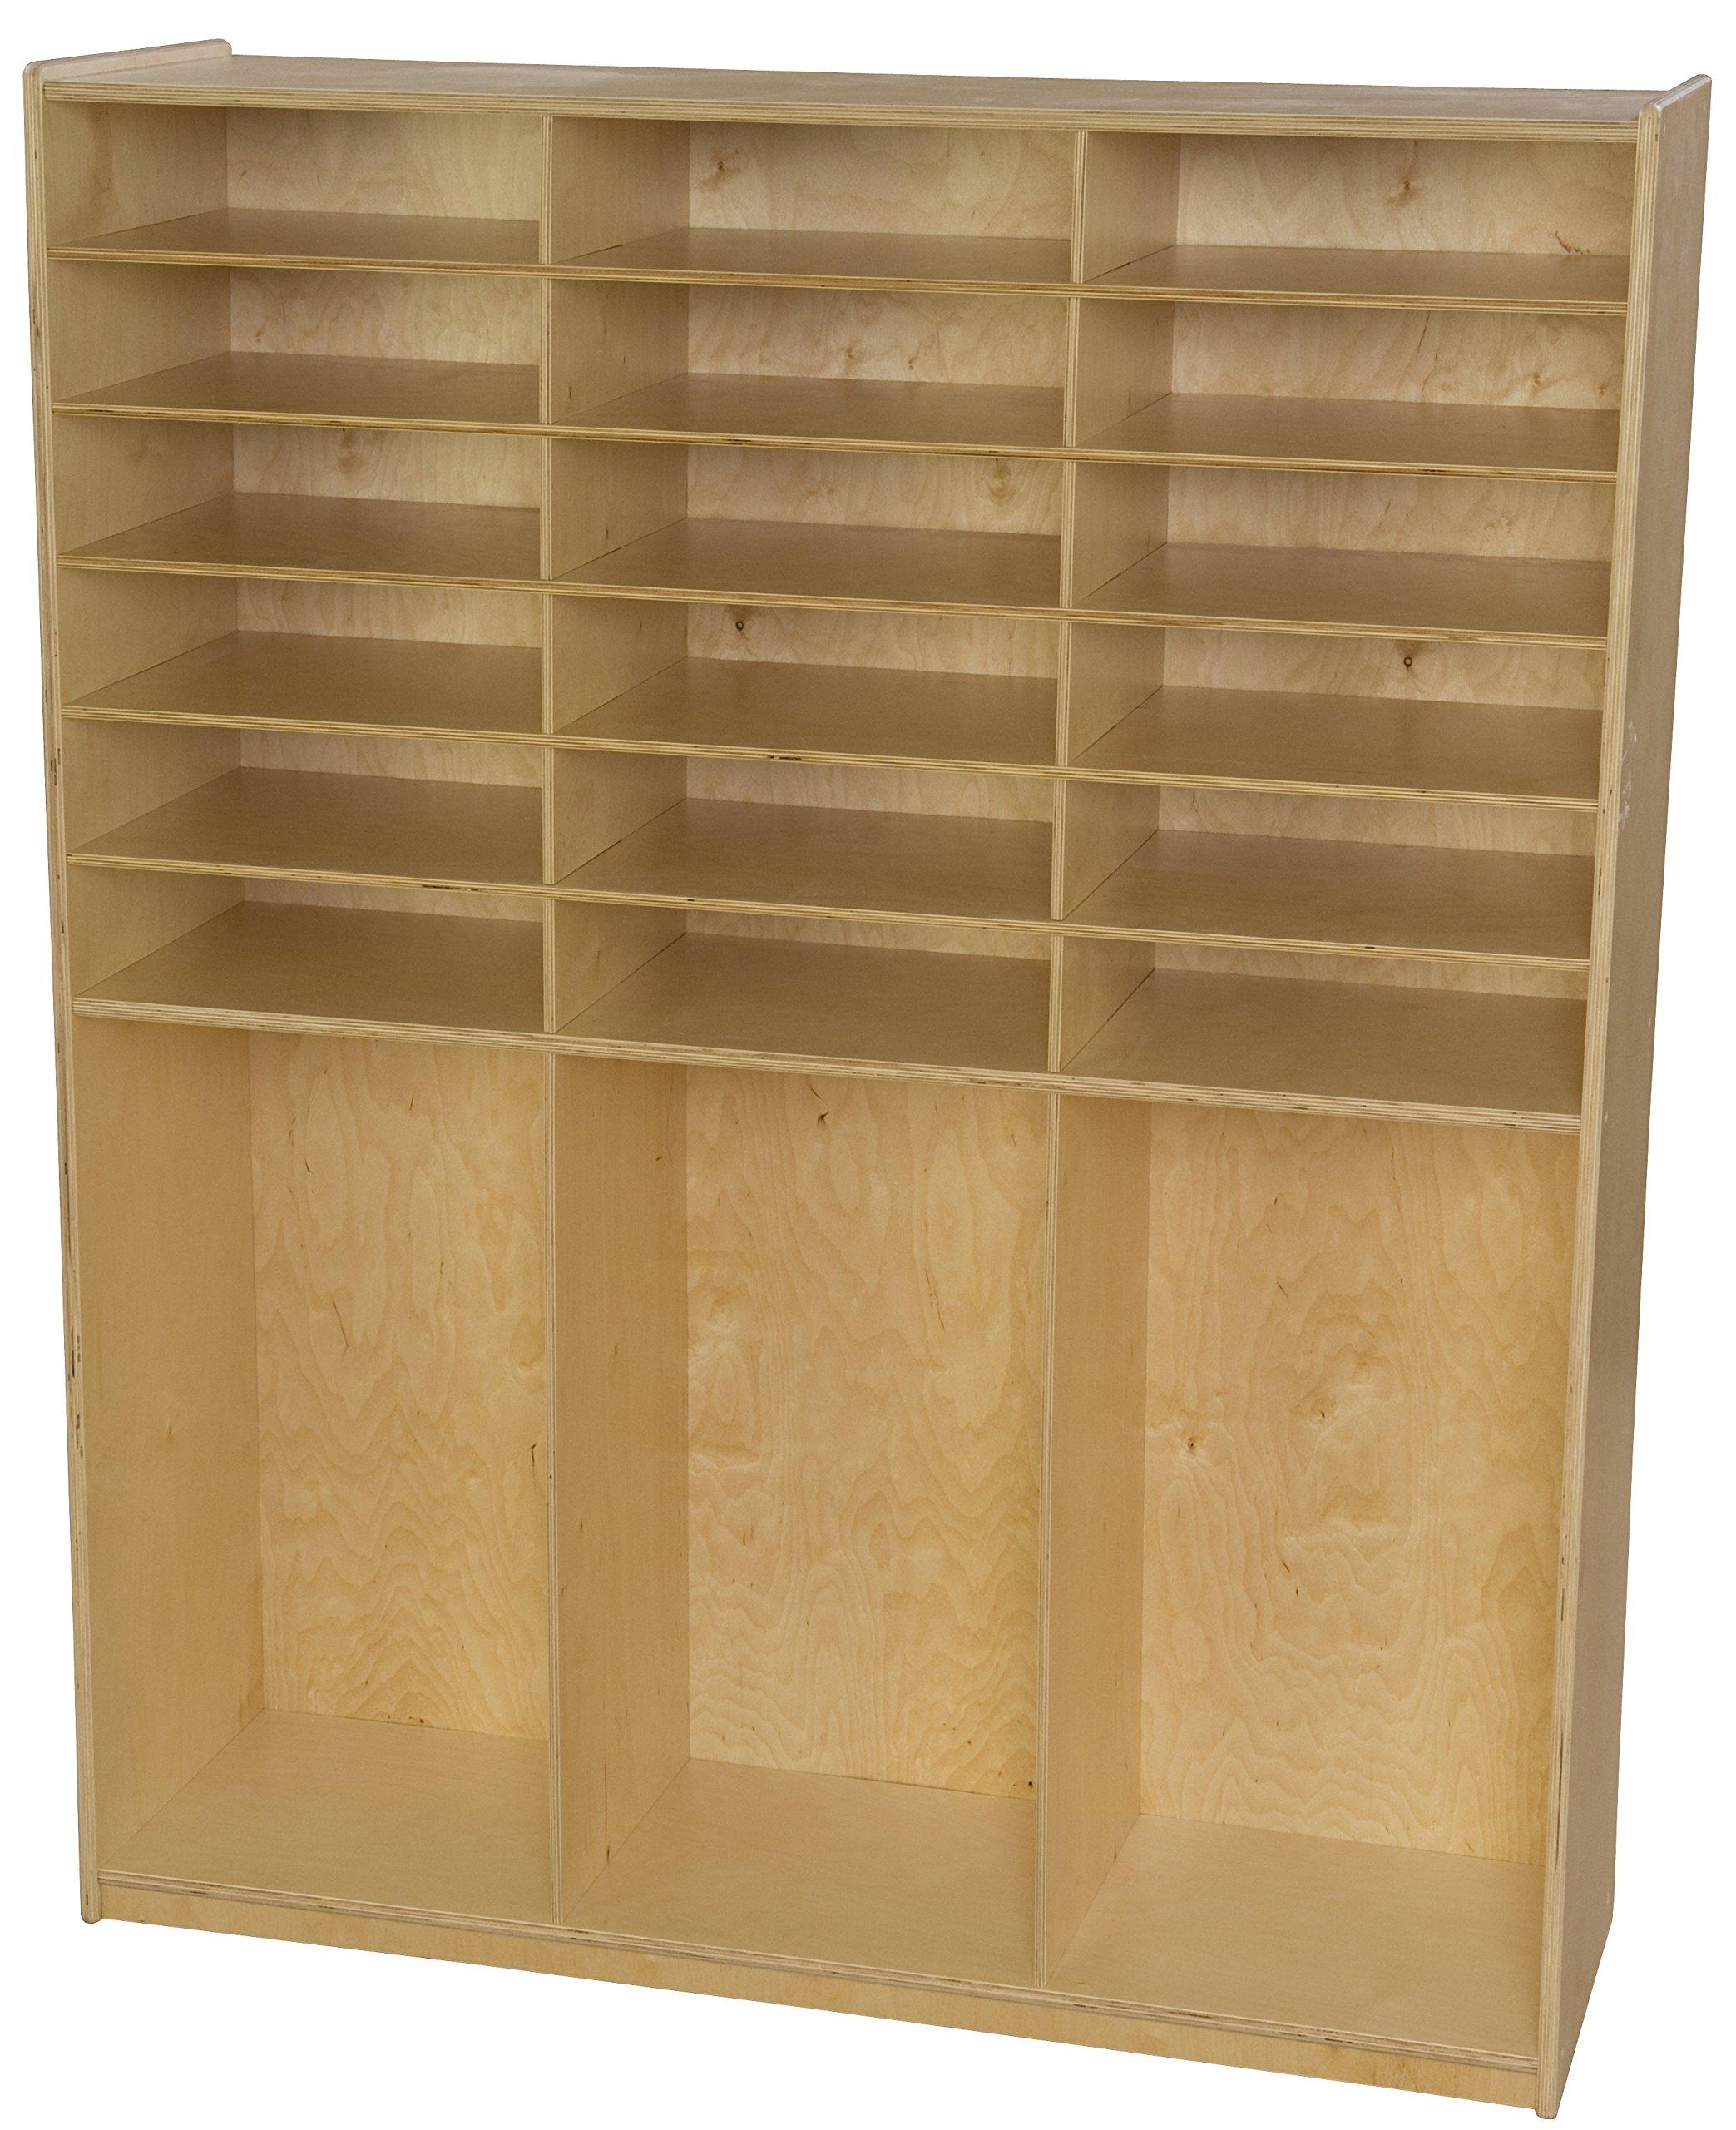 Wood Designs 990343 Storage Shelf Locker